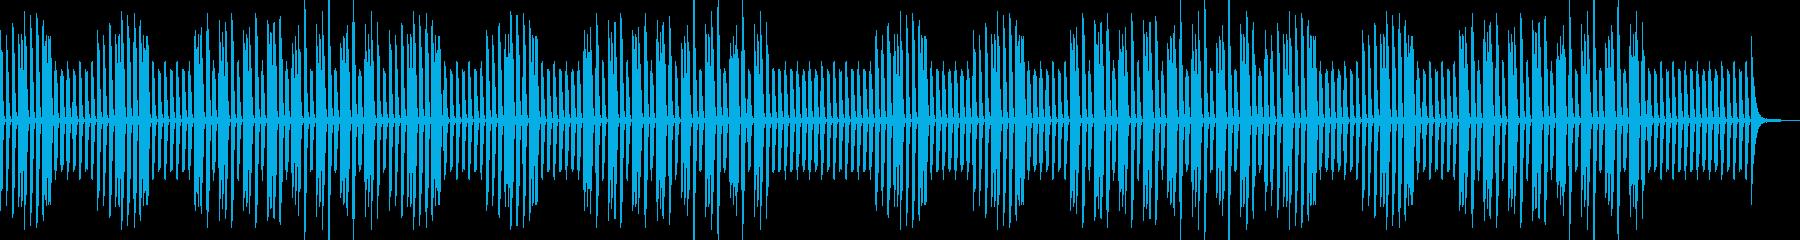 解説・説明・かわいいピアノソロの再生済みの波形